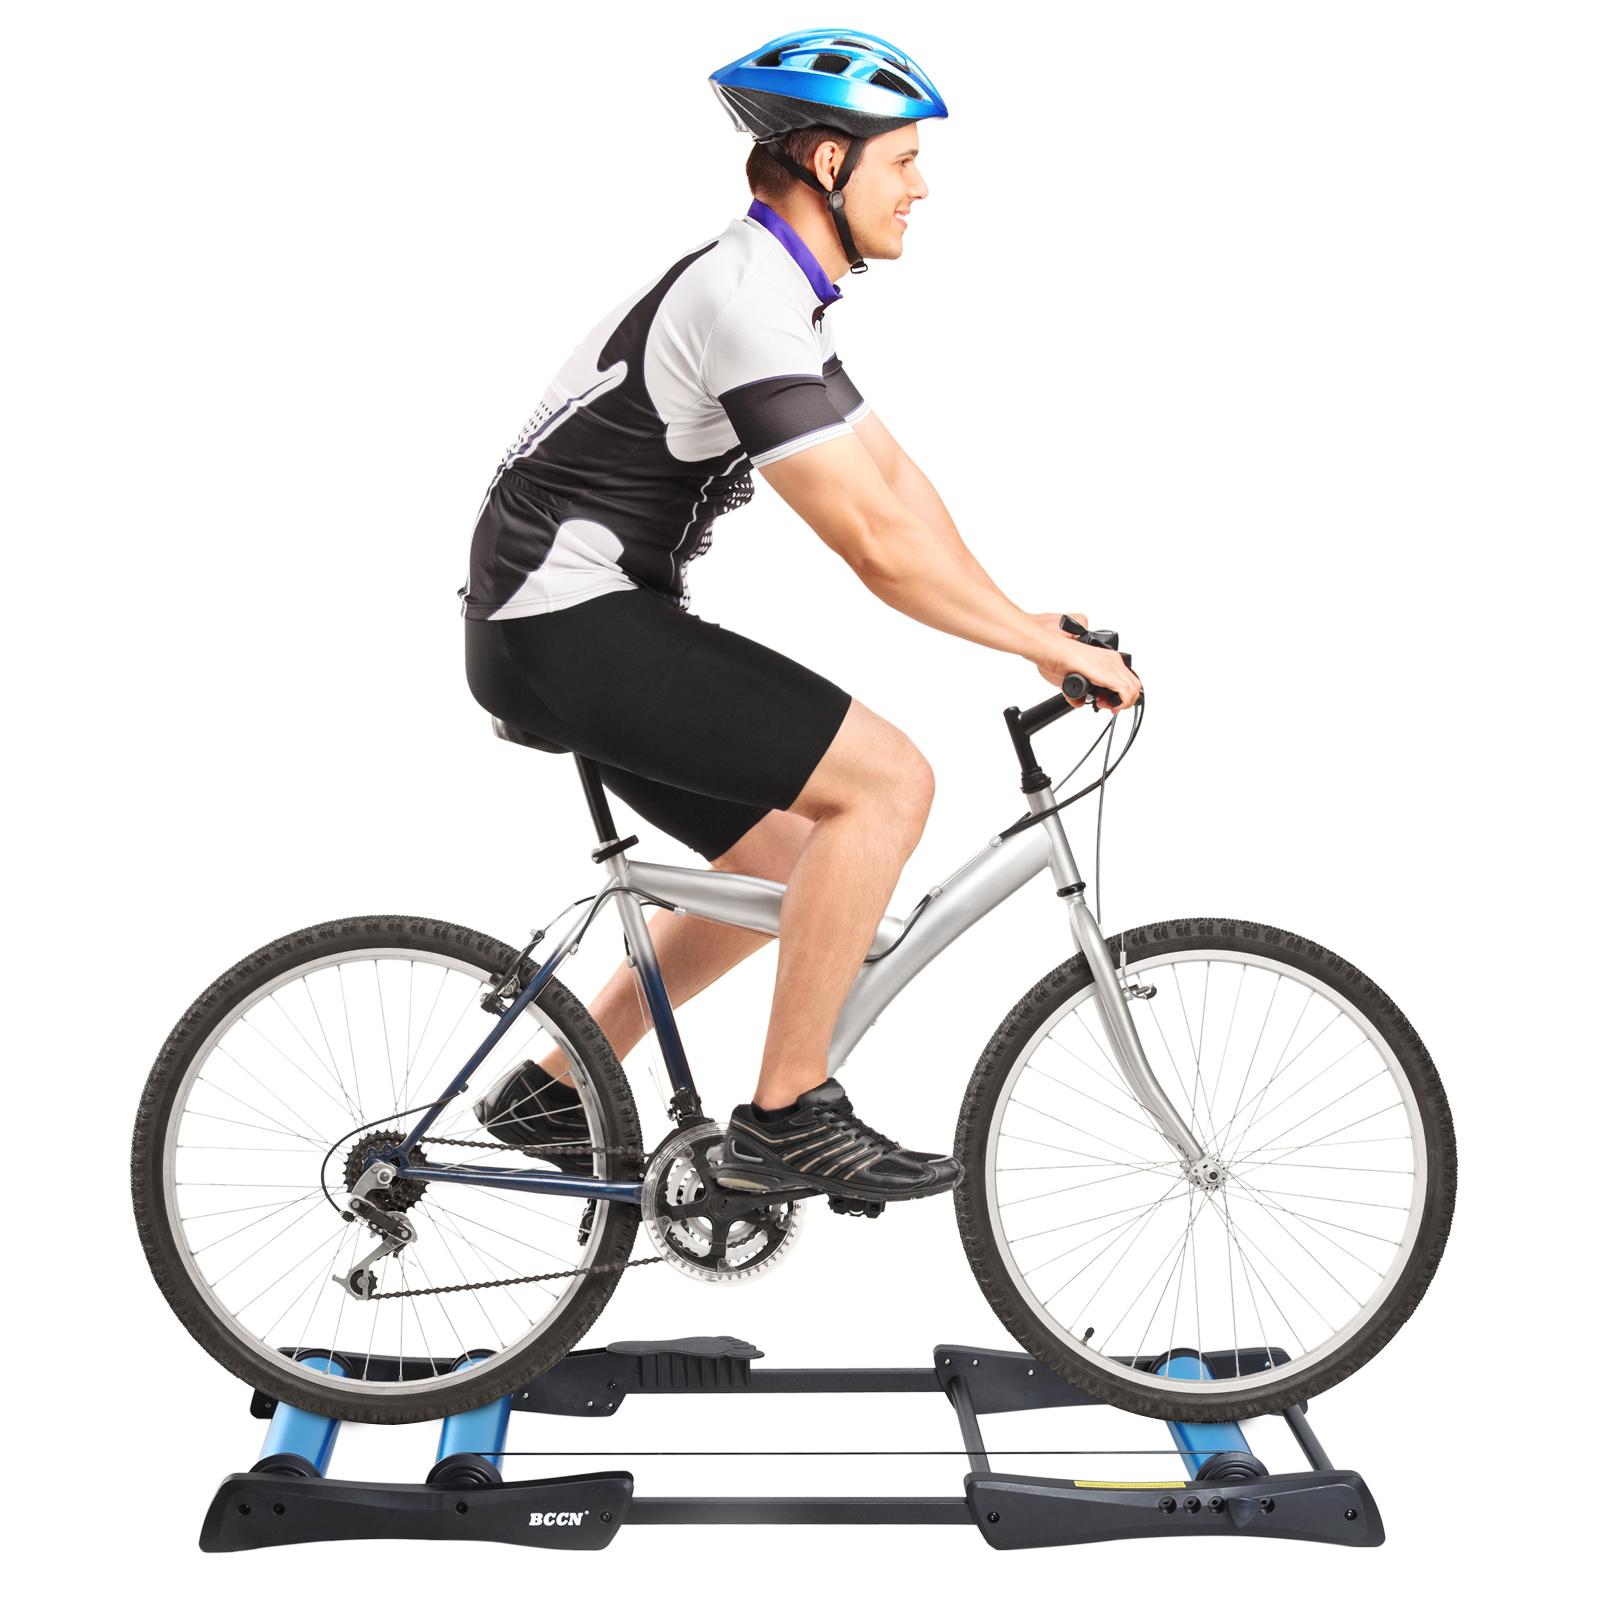 HOMCOM Biciclete Trainer Pliabil Reglabil Rulou frontal Sarcină maximă 120 kg imagine aosom.ro